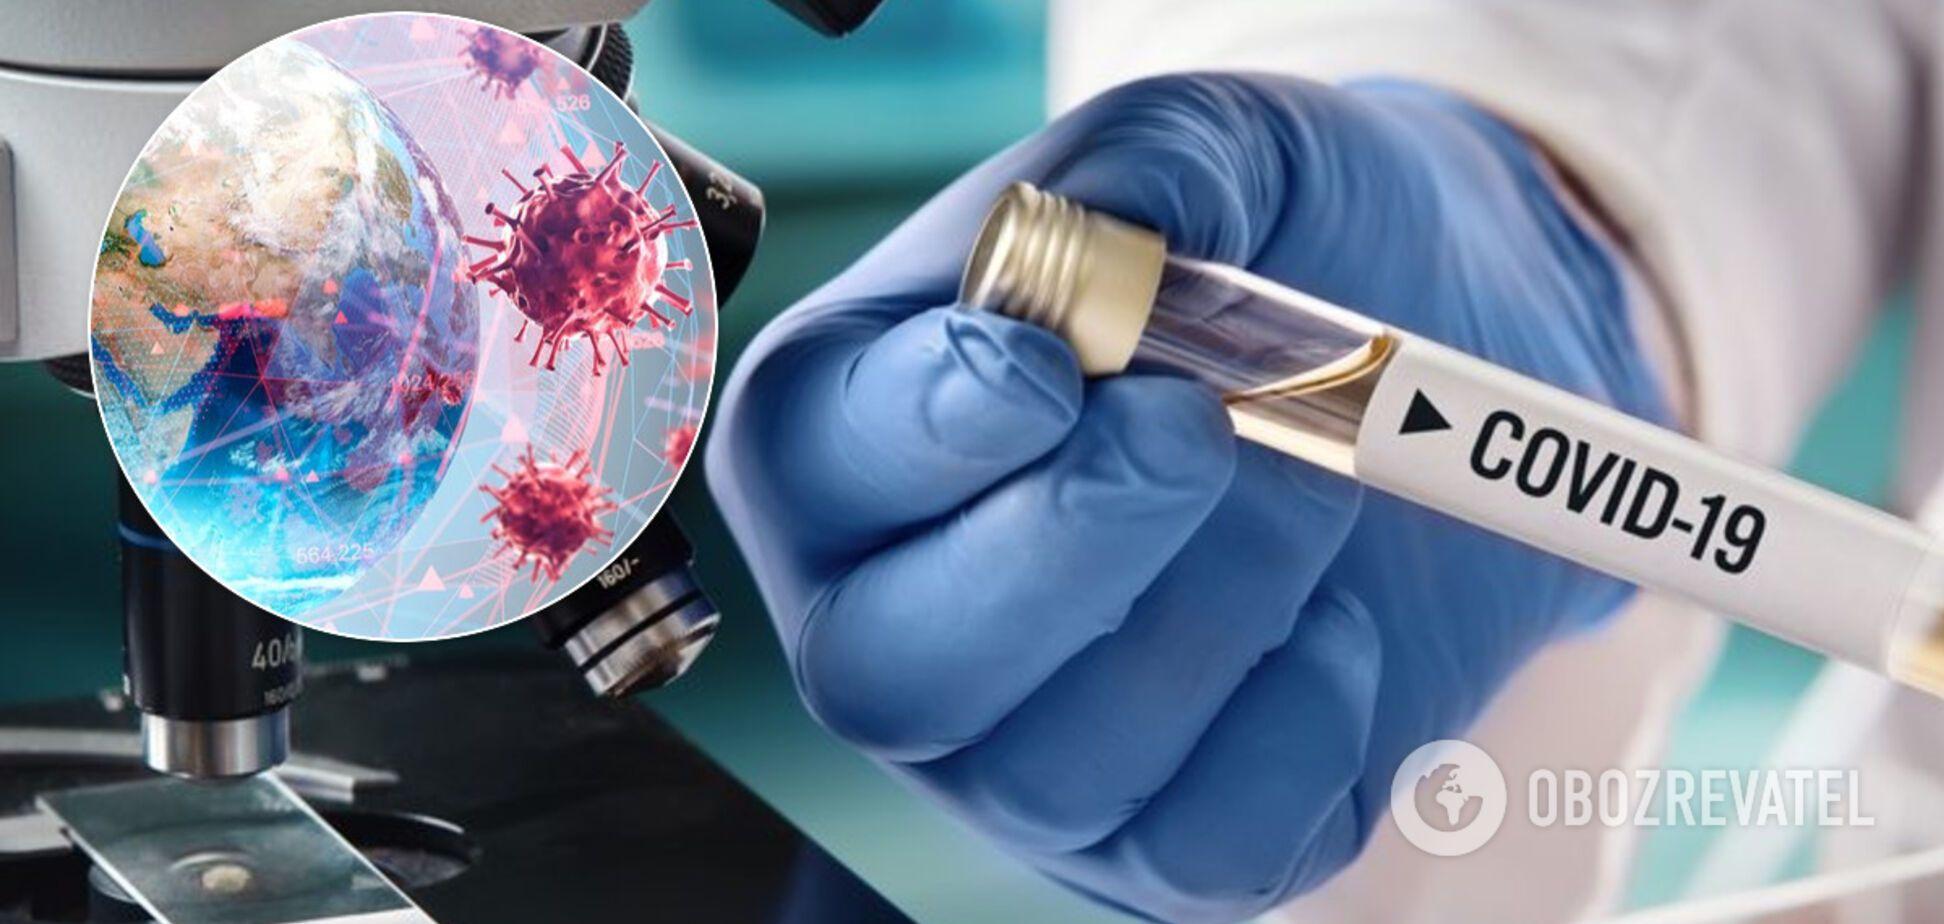 Пандемія триватиме 1-2 роки: вірусолог із Китаю дав страшний прогноз щодо коронавірусу в Європі